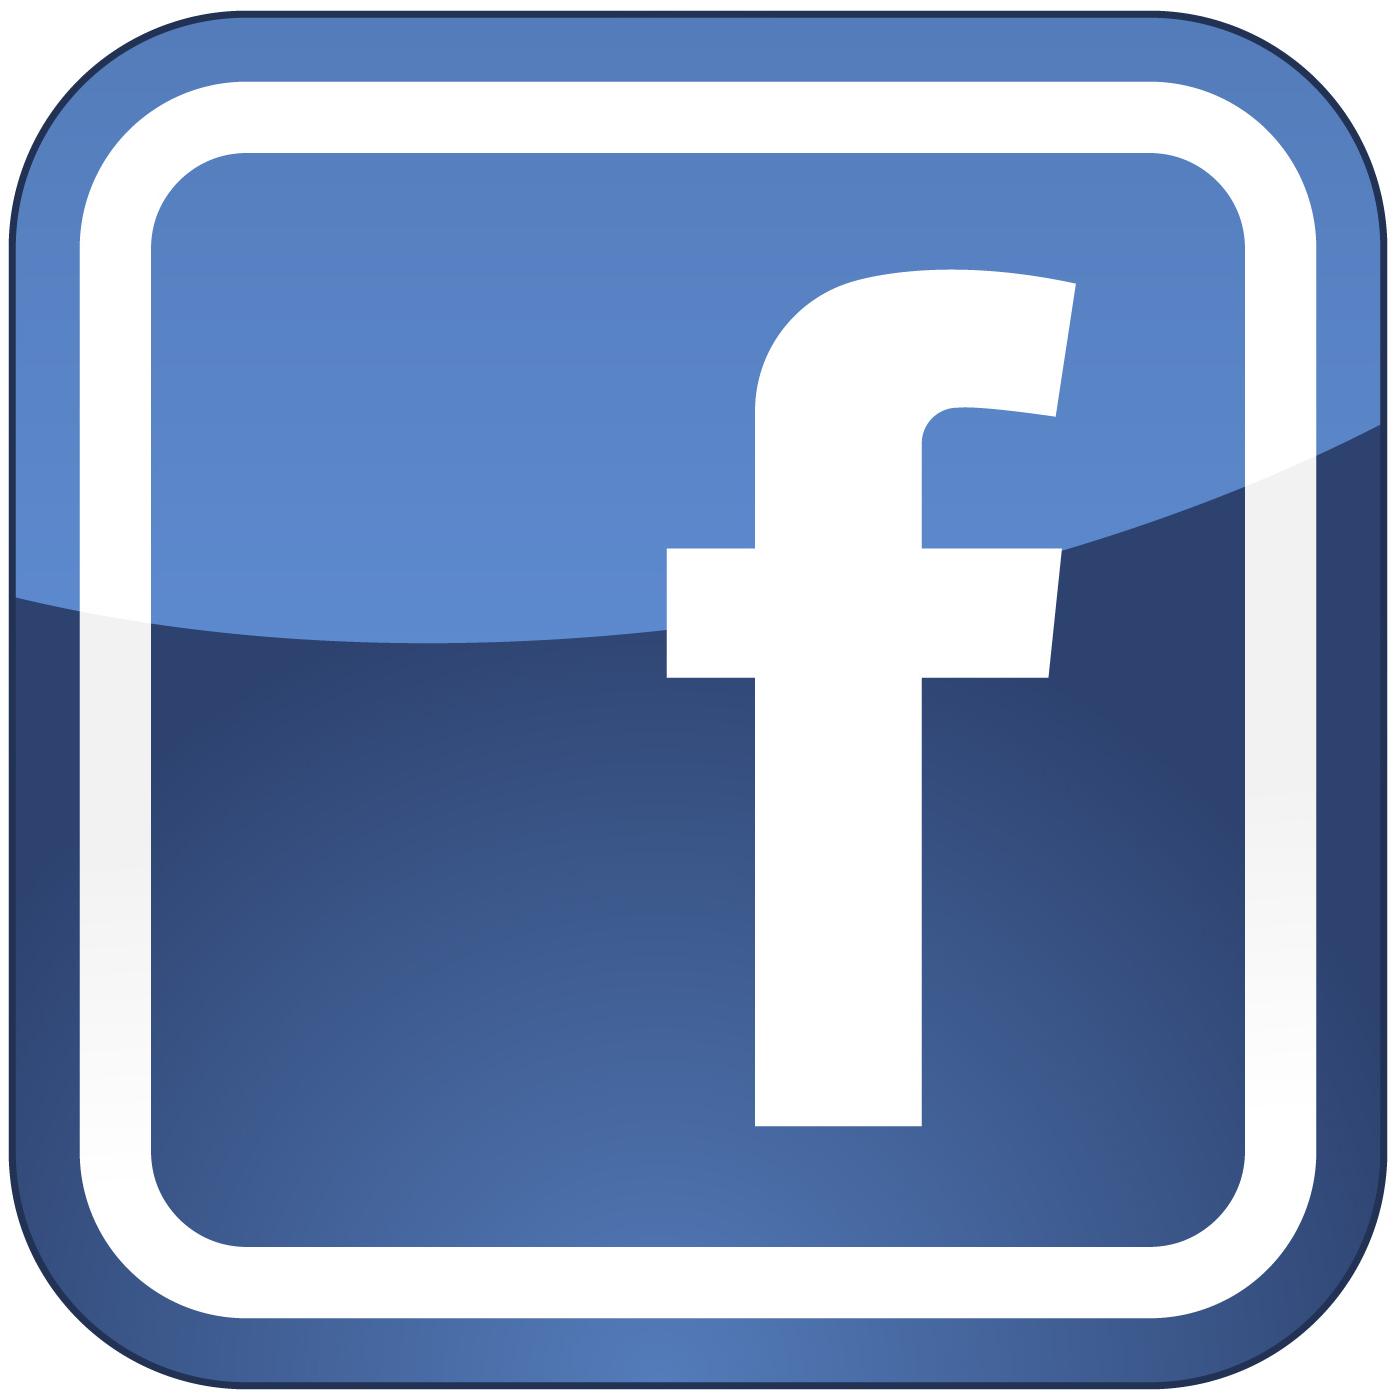 Фейсбук картинка векторная, открытки картинки новый